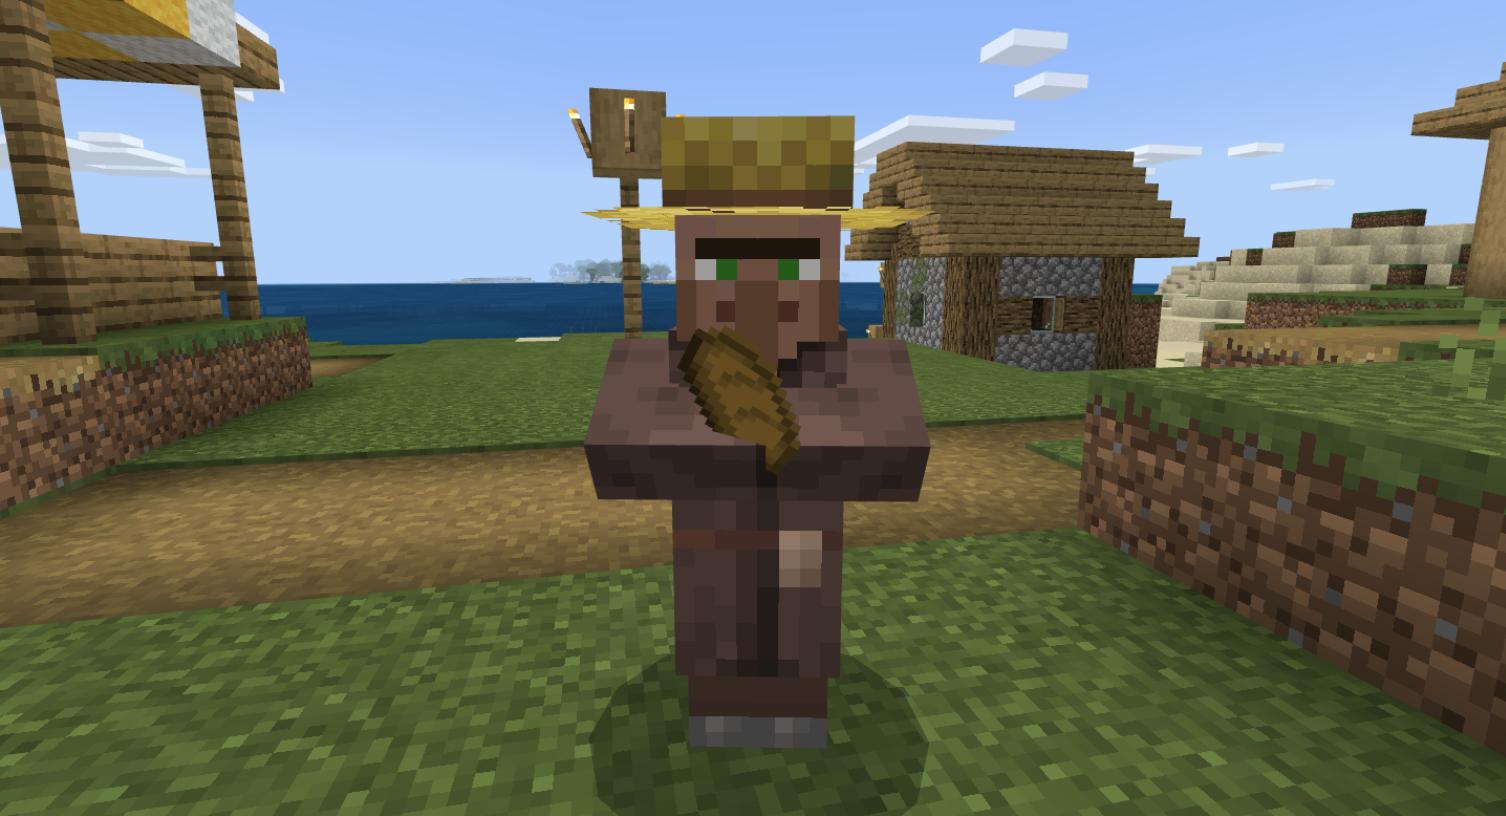 Do Villagers Despawn in Minecraft?